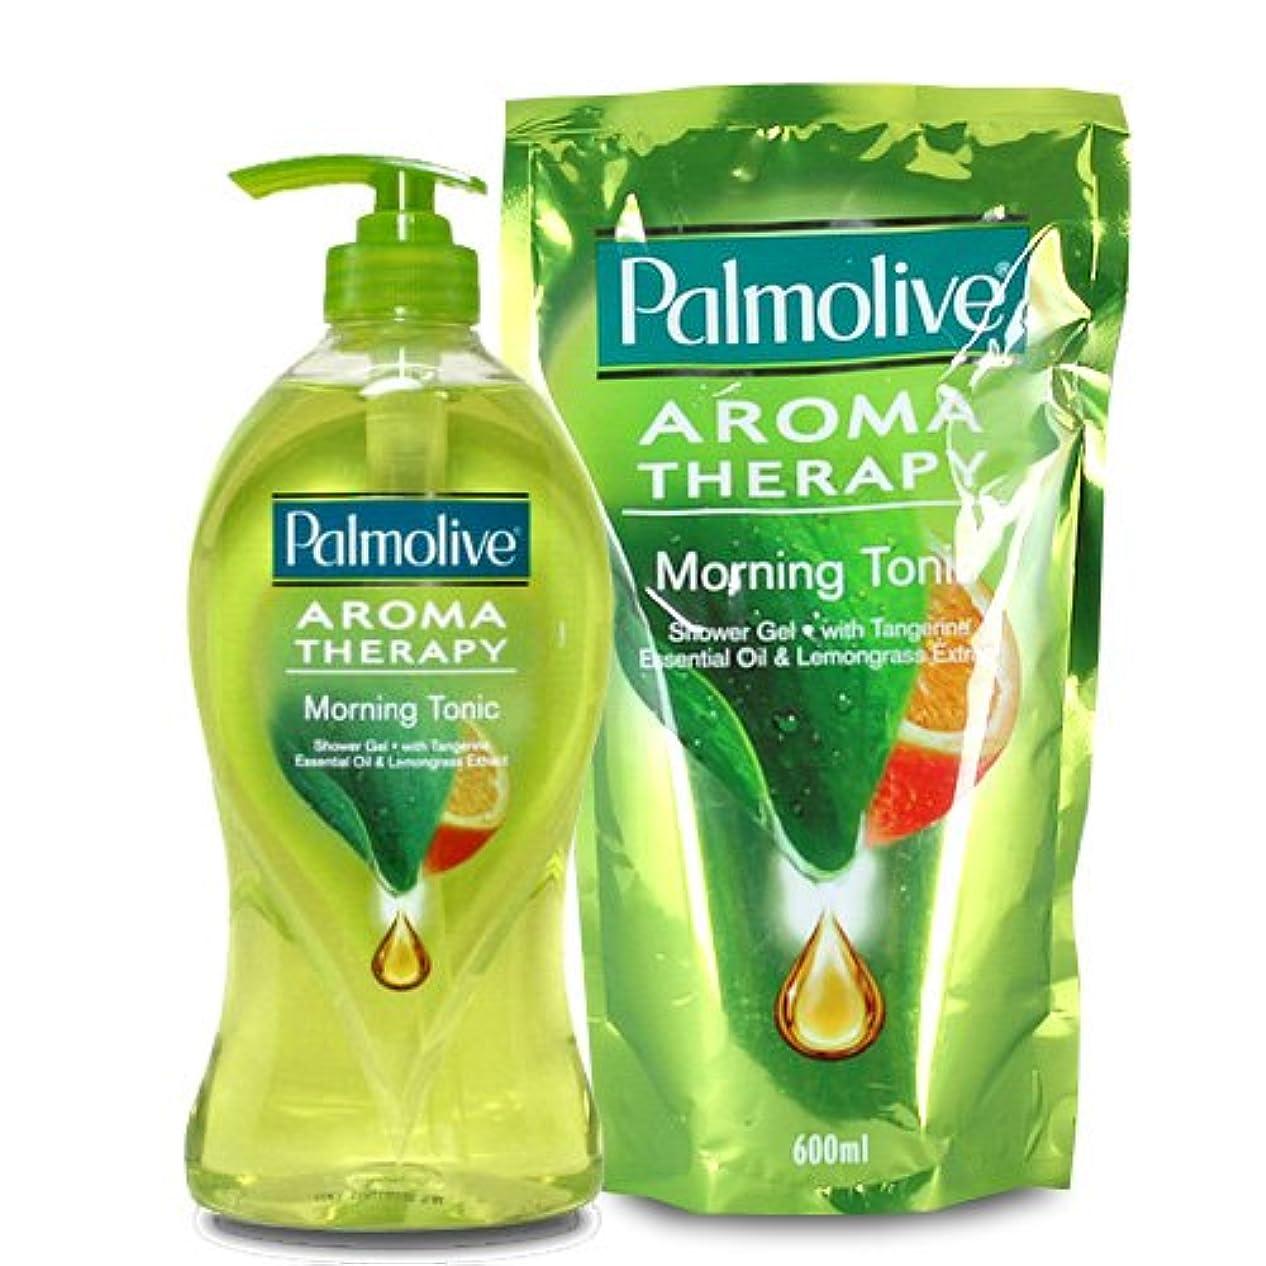 元の発行うれしい【Palmolive】パルモリーブ アロマセラピーシャワージェル ボトルと詰め替えのセット (モーニングトニック)